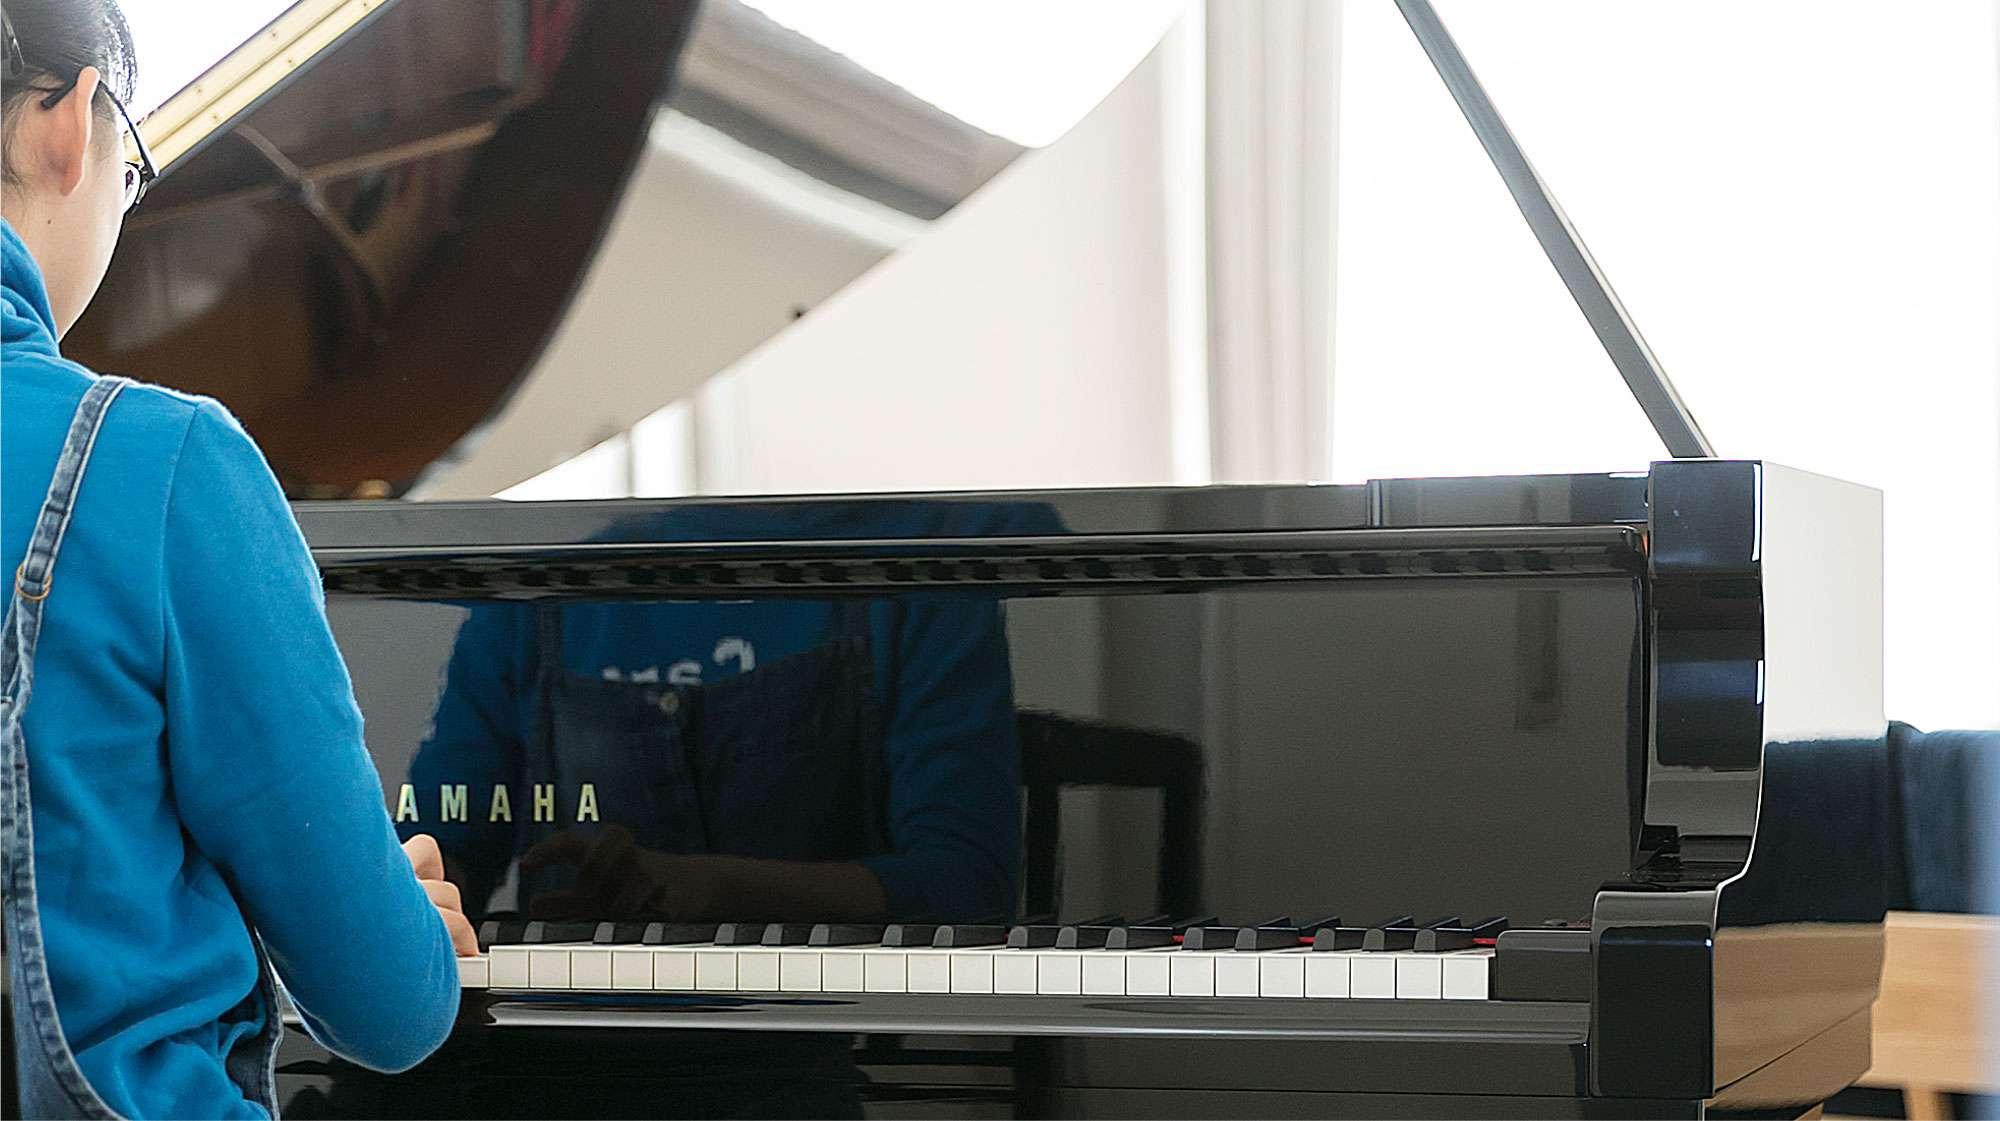 """<img class=""""preload lead lead_003"""" src=""""http://i-llhome.jp/elements/img_lead_slide_003.png"""" alt=""""「ピアノは置いておくから」って言ってたよ、パパが。"""">"""